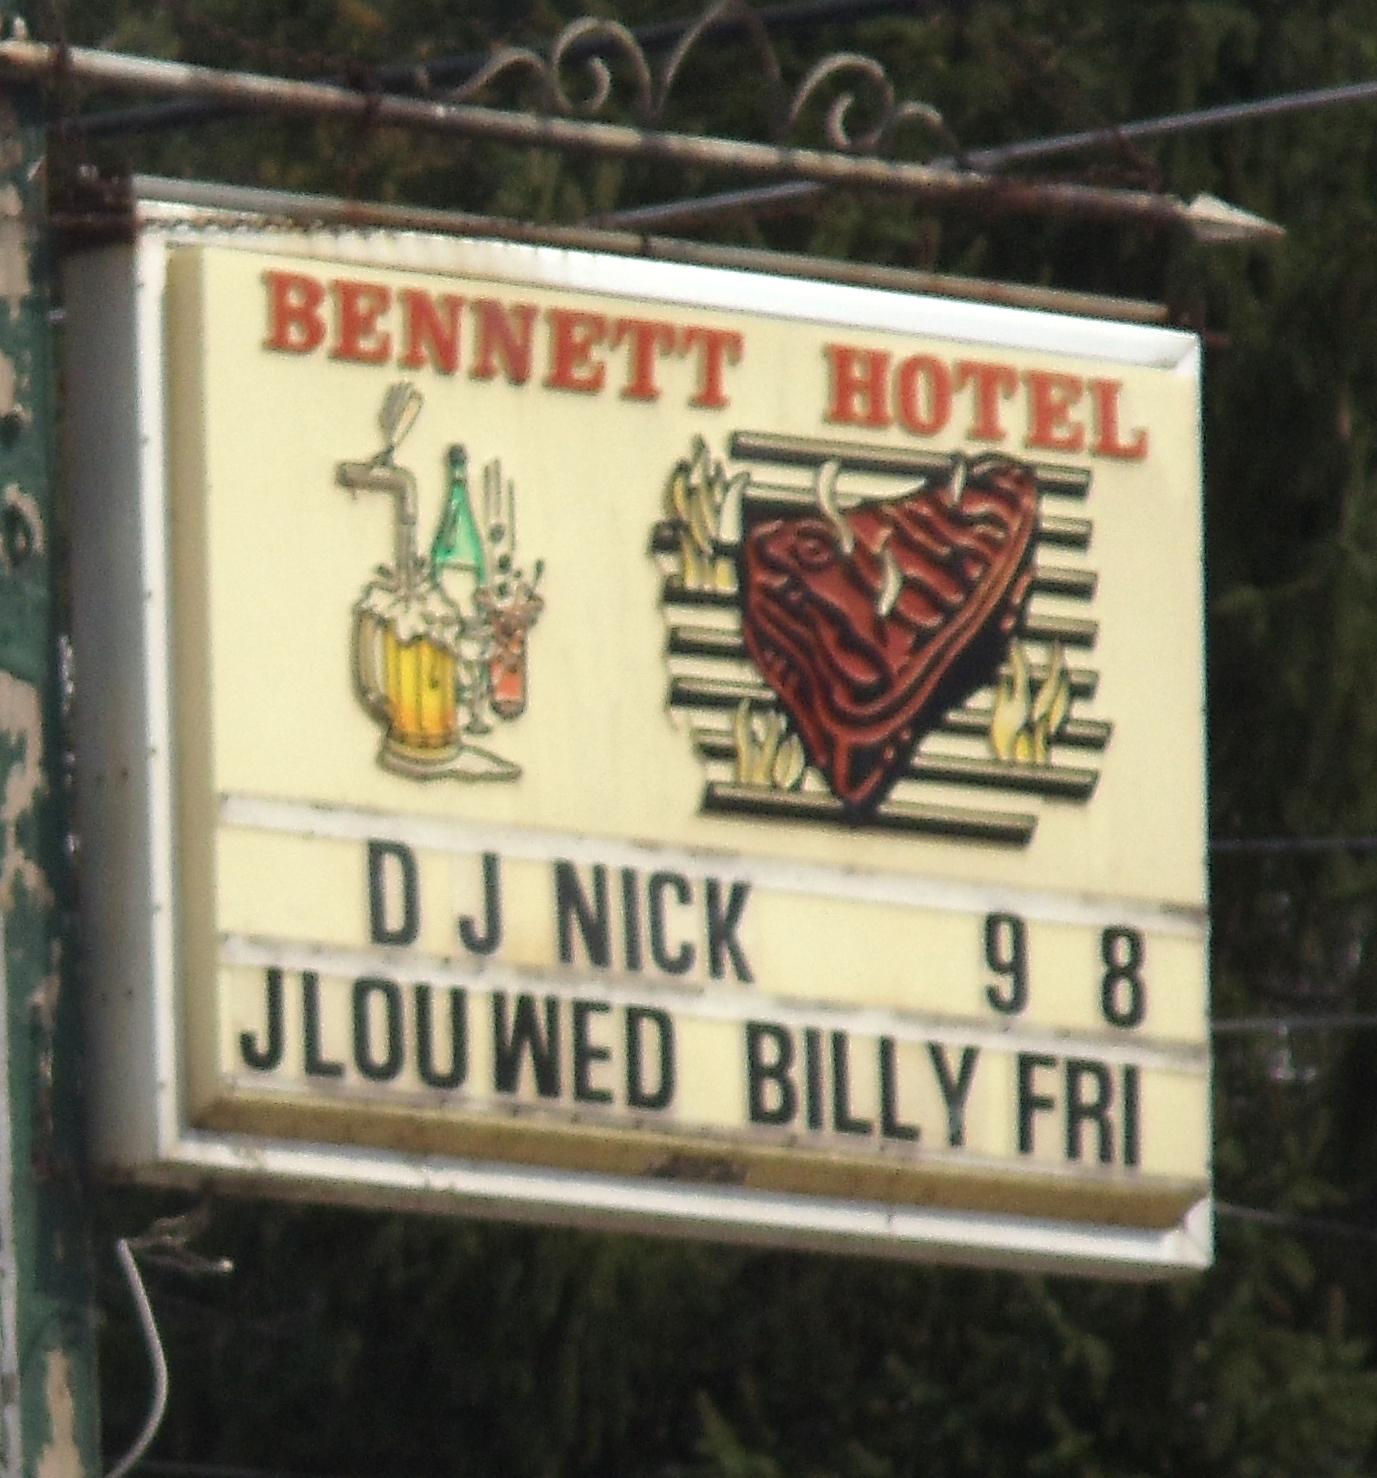 BENNETT HOTEL: Cincinnatus, NY | Flickr - Photo Sharing!cincinnatus town